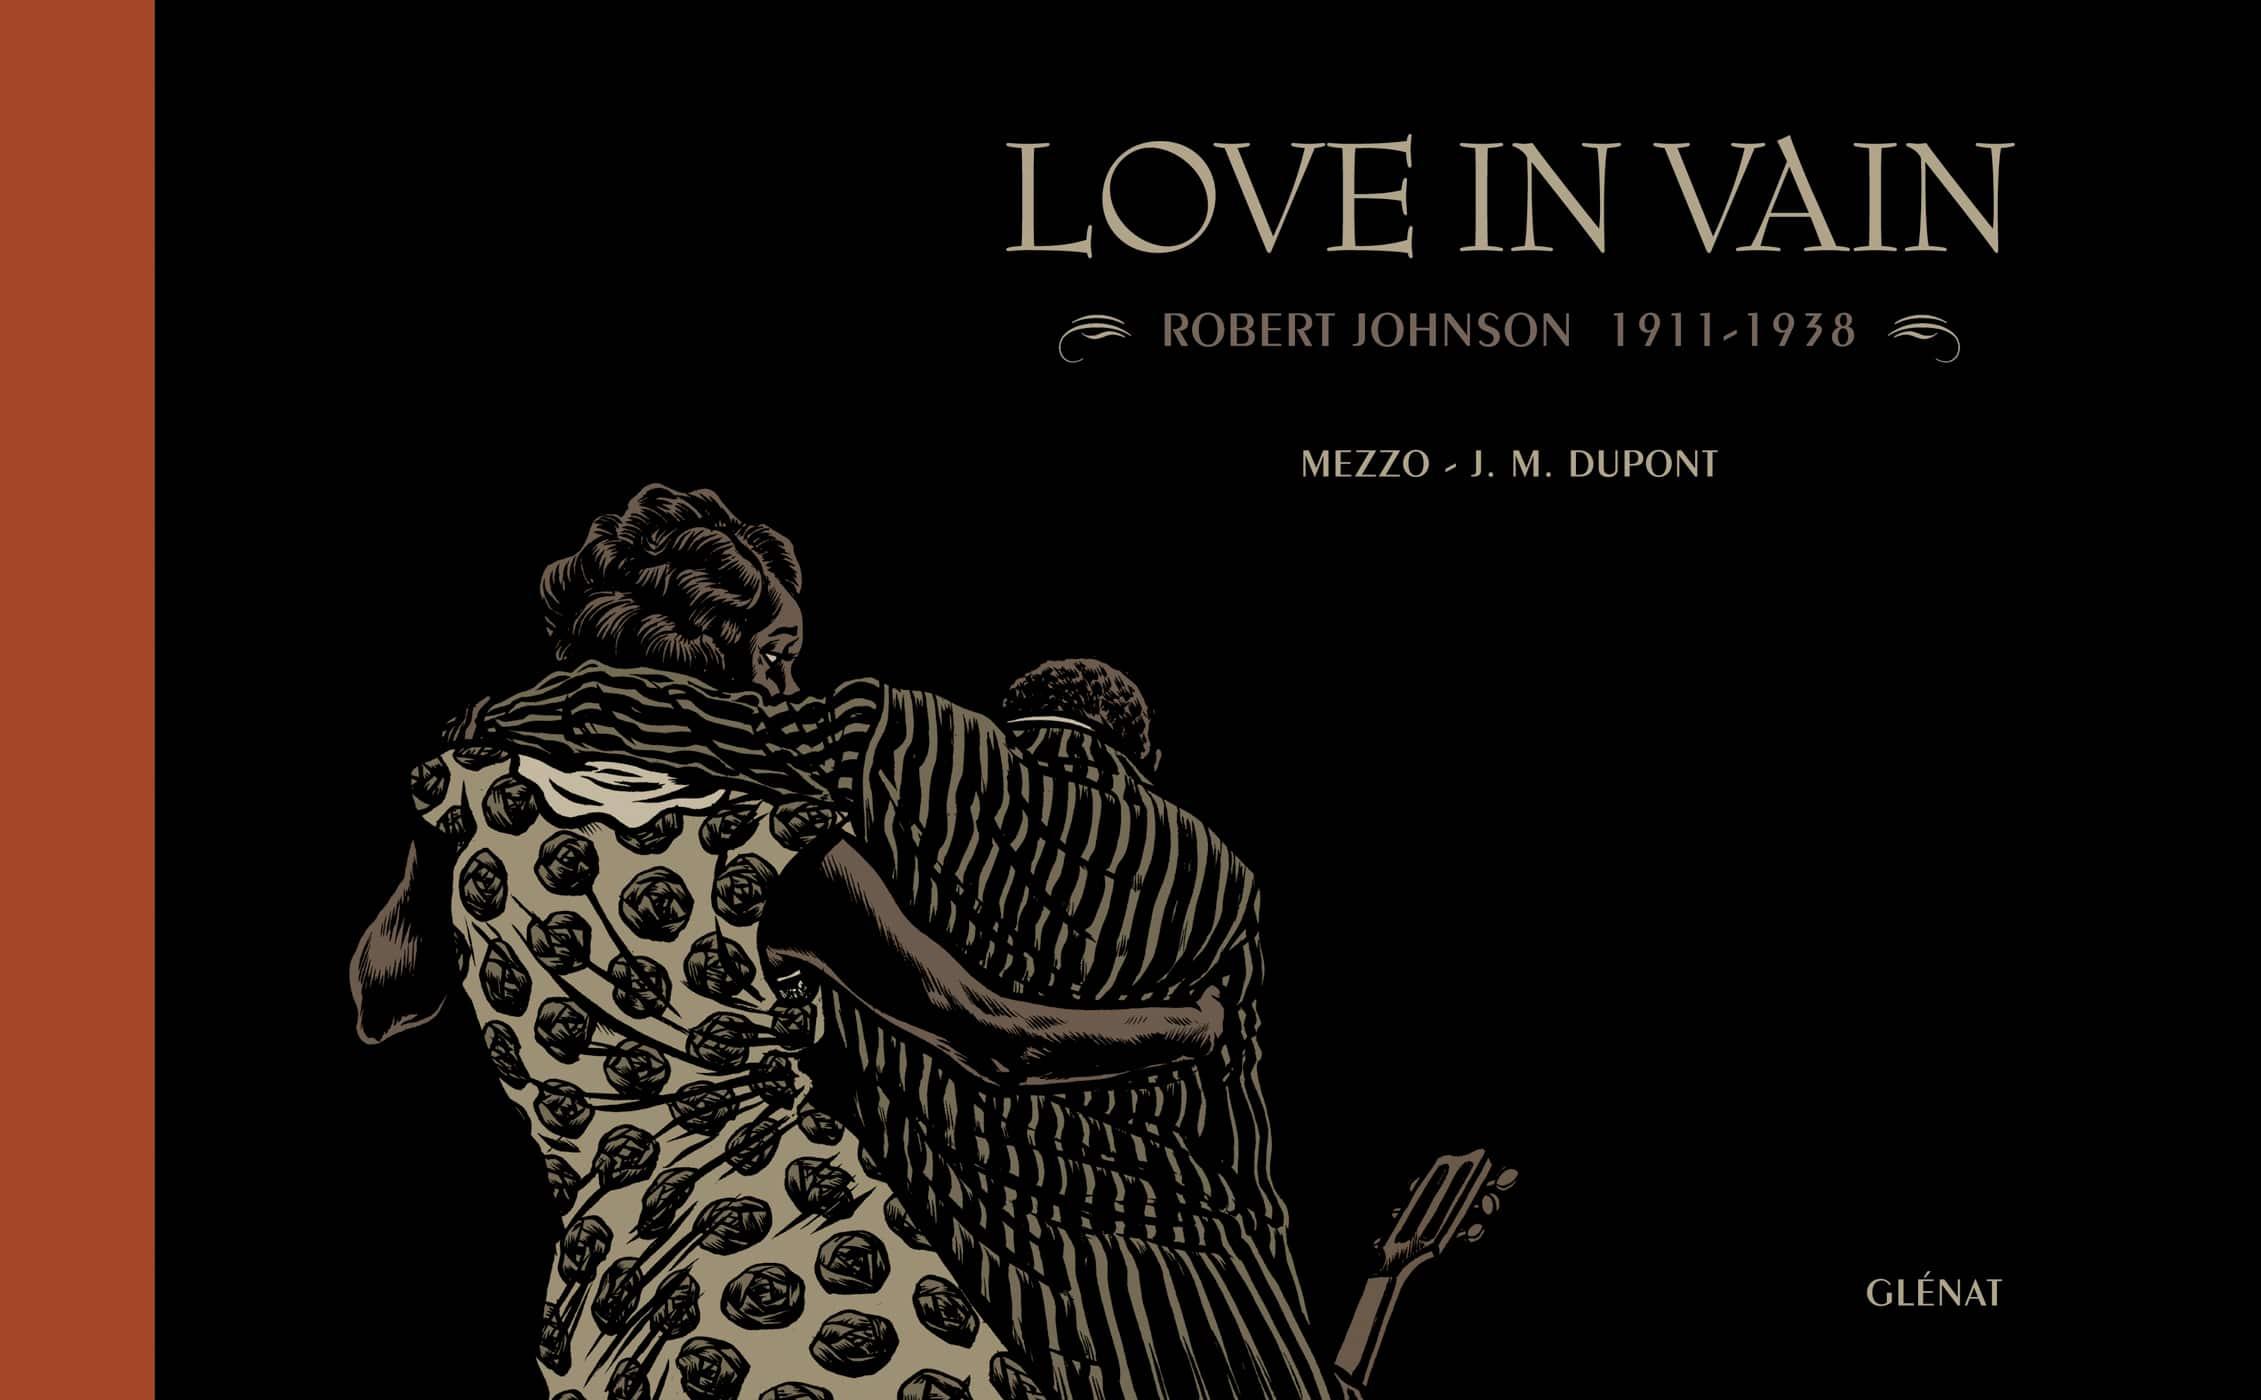 Le Prix des libraires de BD 2015 pour Love in vain de Mezzo et Jean-Michel Dupont chez Glénat